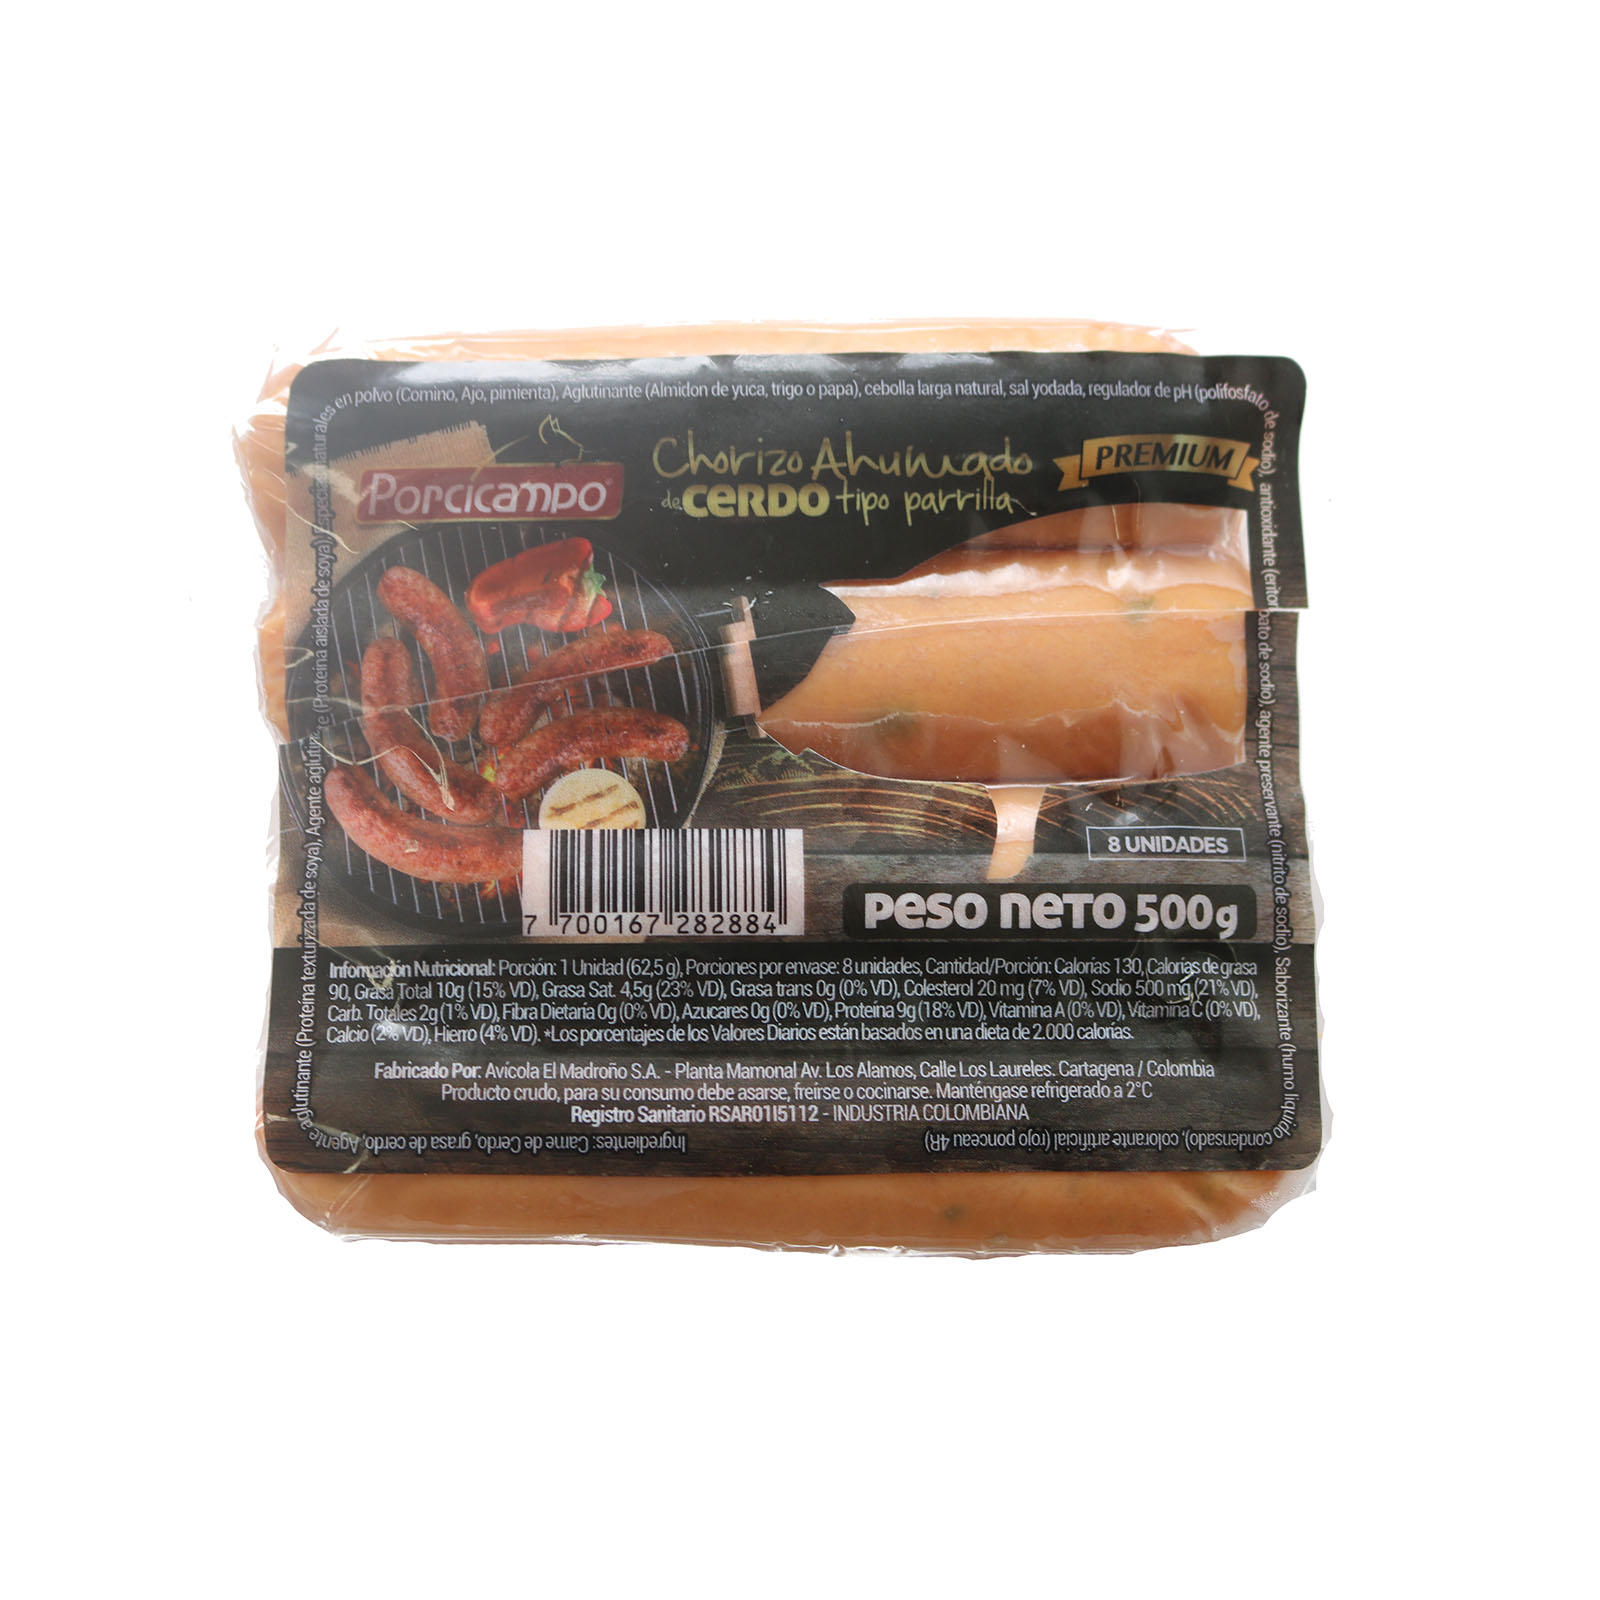 Chorizo Parrilla Ahumado